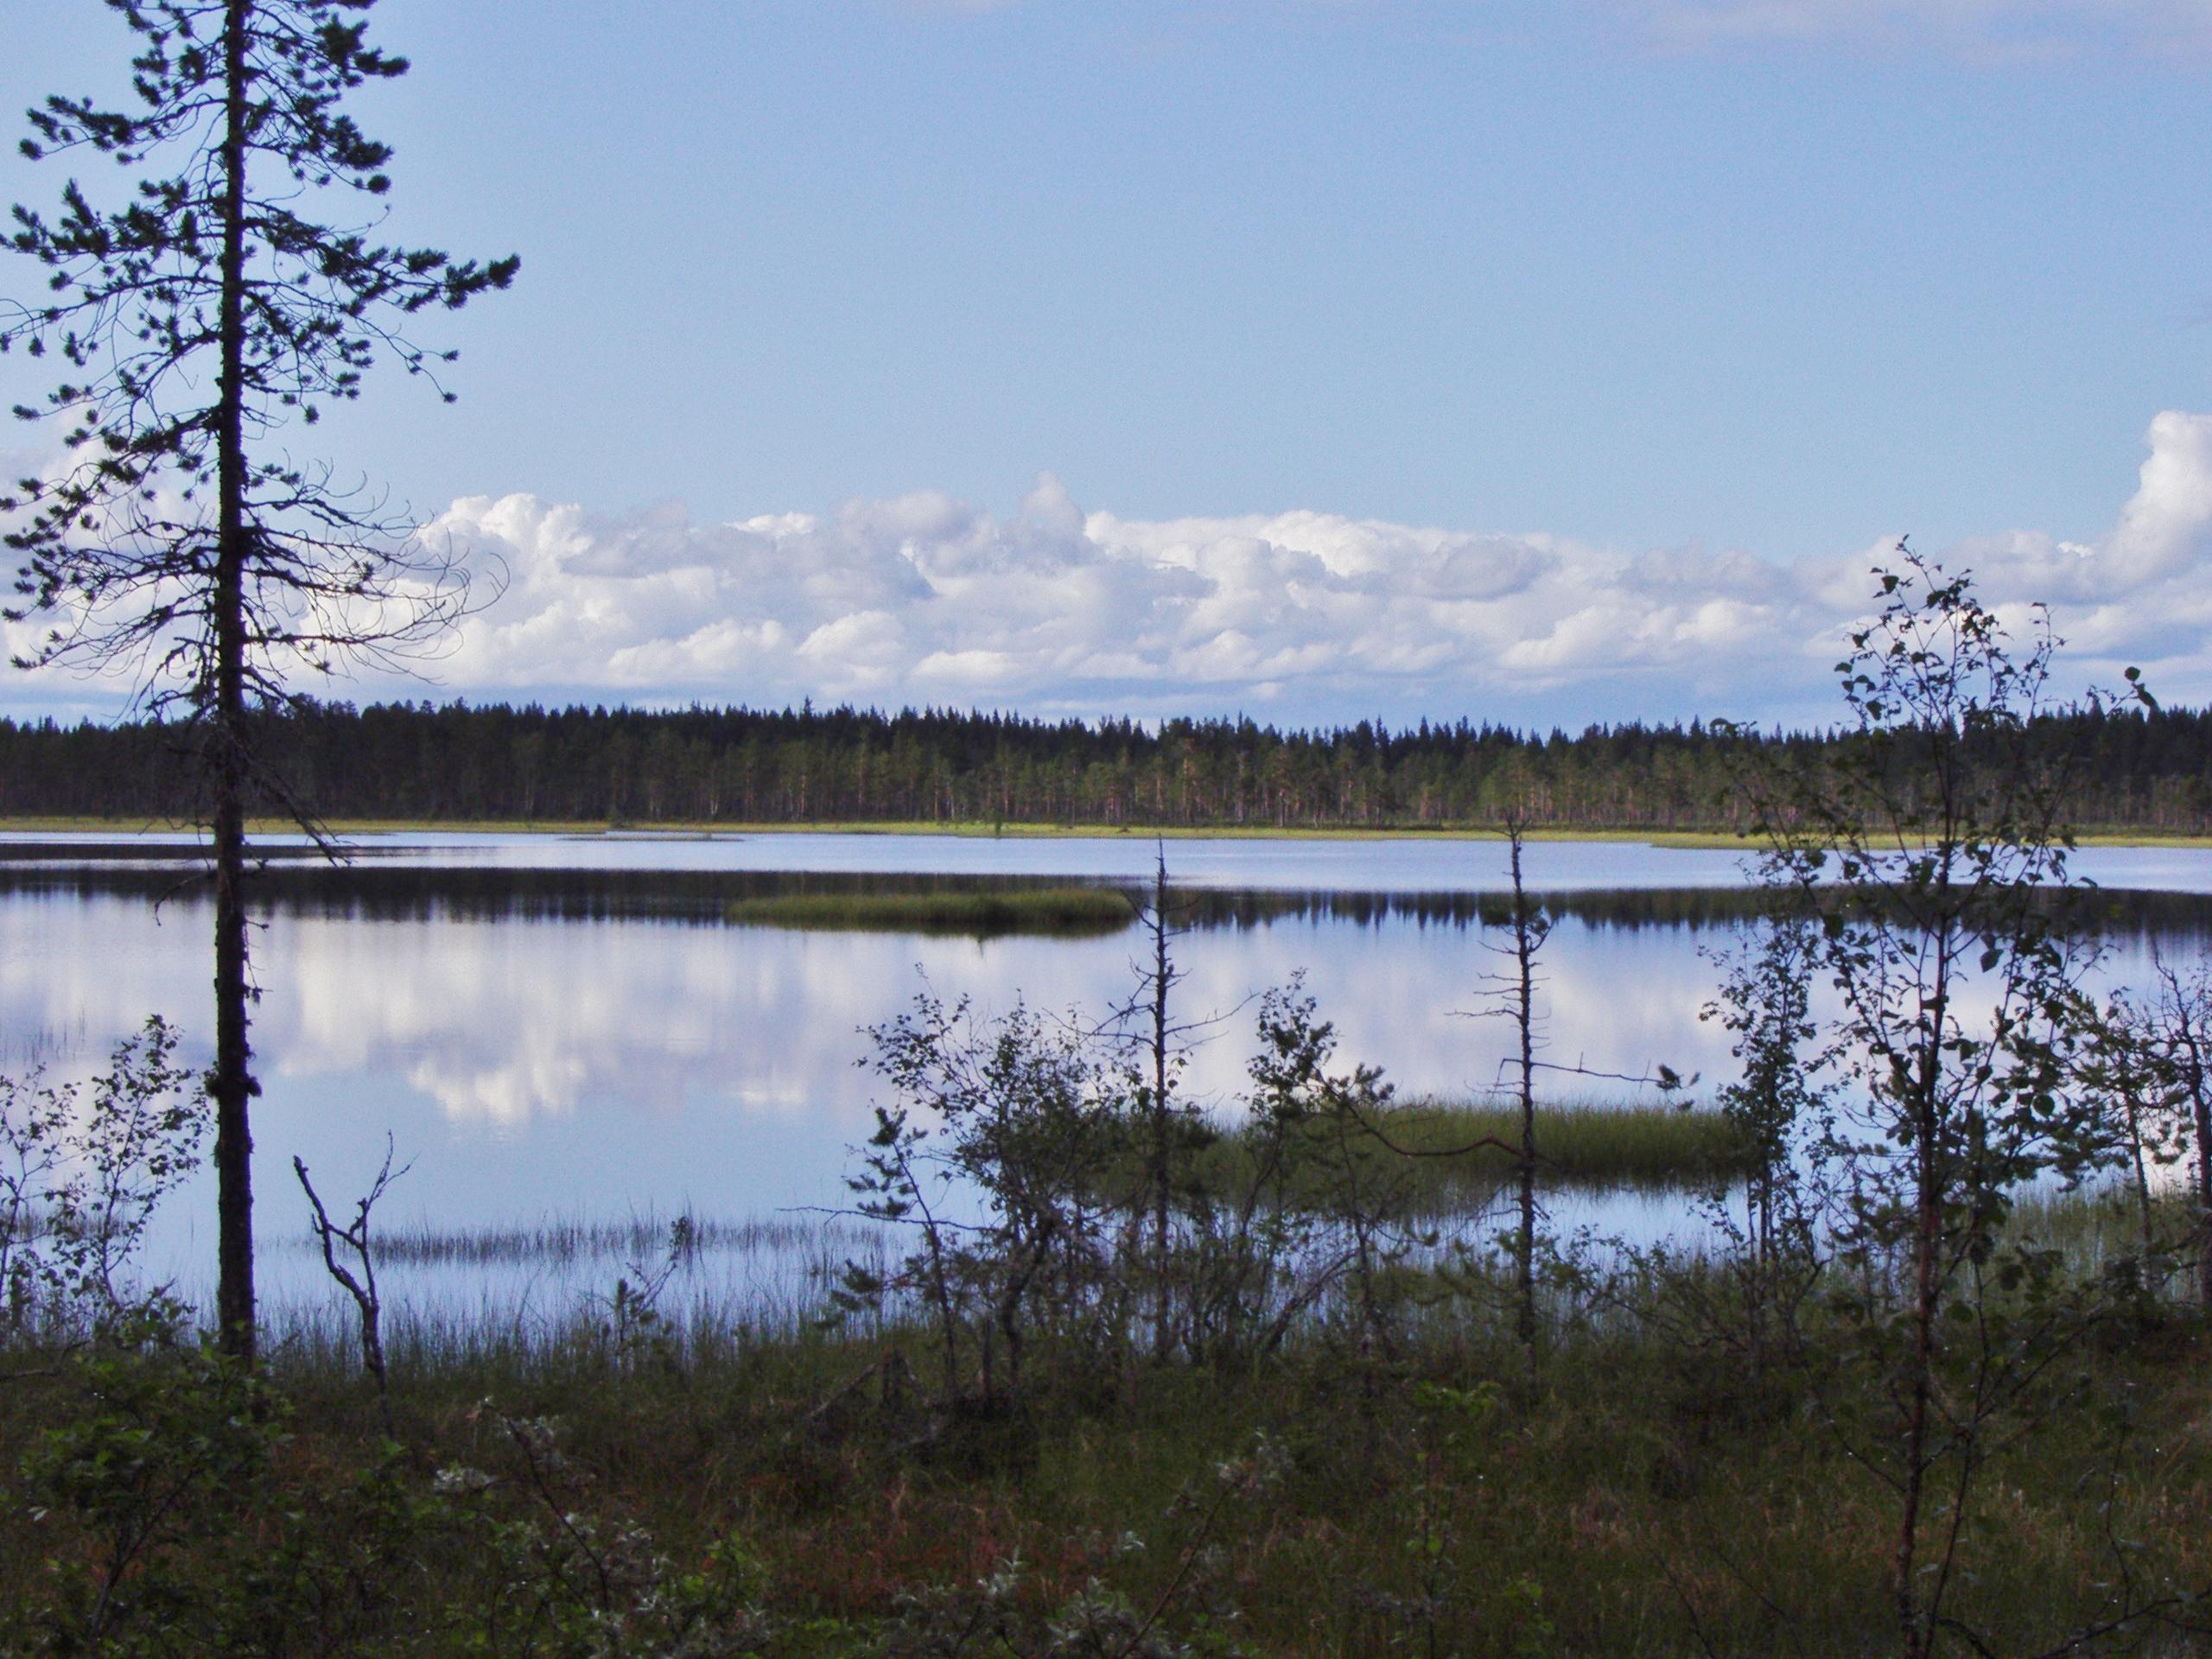 Švédská příroda je opravdu neskutečná. Národní park Hamra je toho důkazem